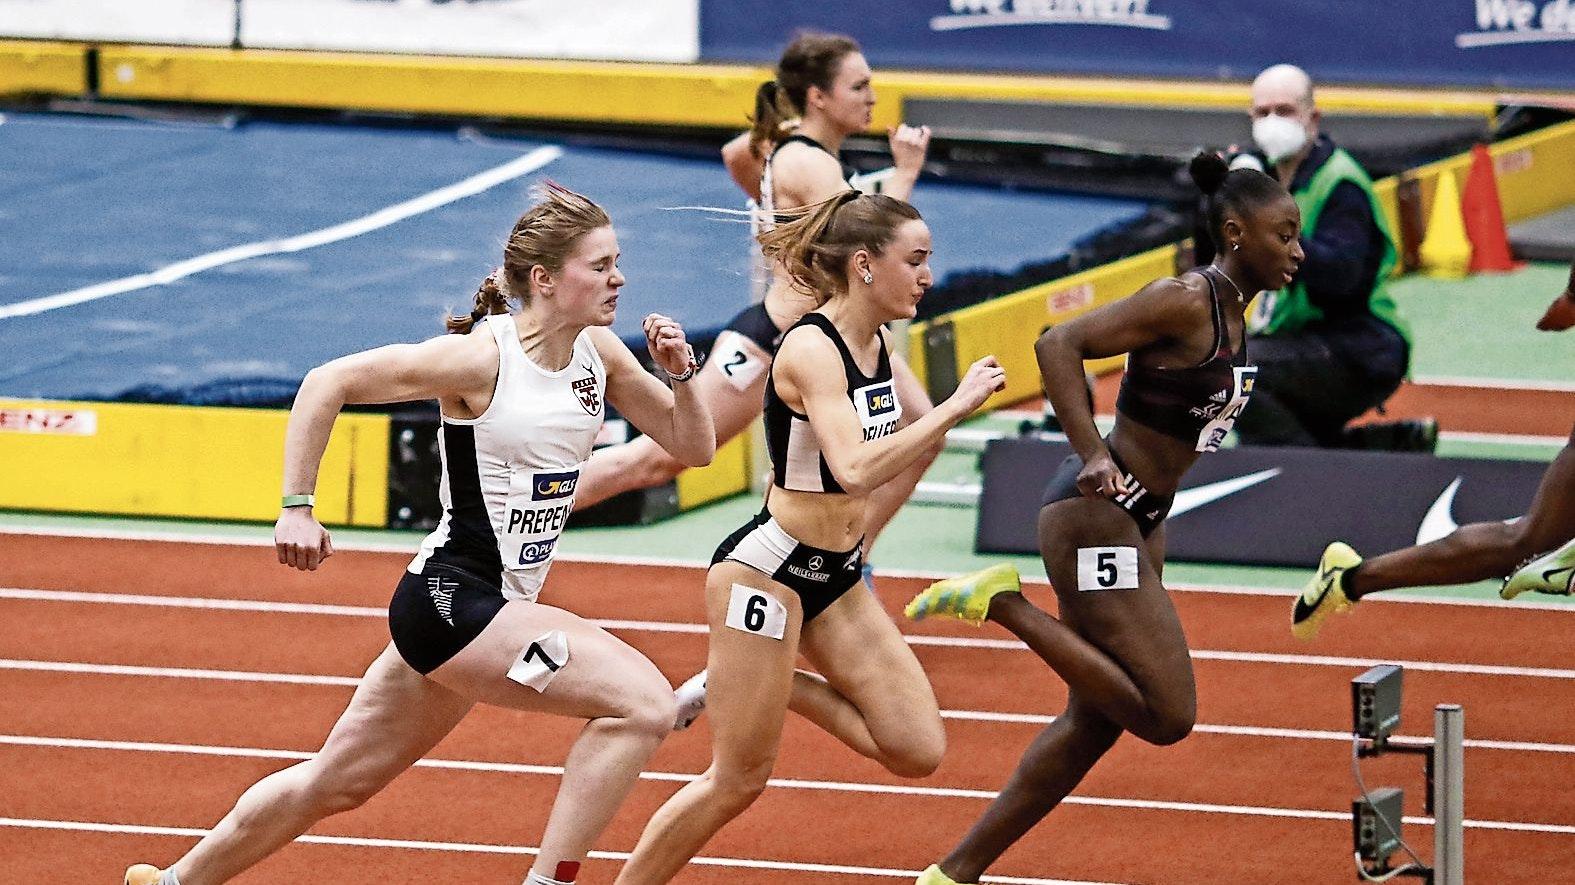 Knapp das Nachsehen gehabt: Mit 7,39 Sekunden im Halbfinale verfehlte die Cloppenburgerin Talea Prepens (links) den Endlauf über 60 Meter. Foto: Harald Prepens